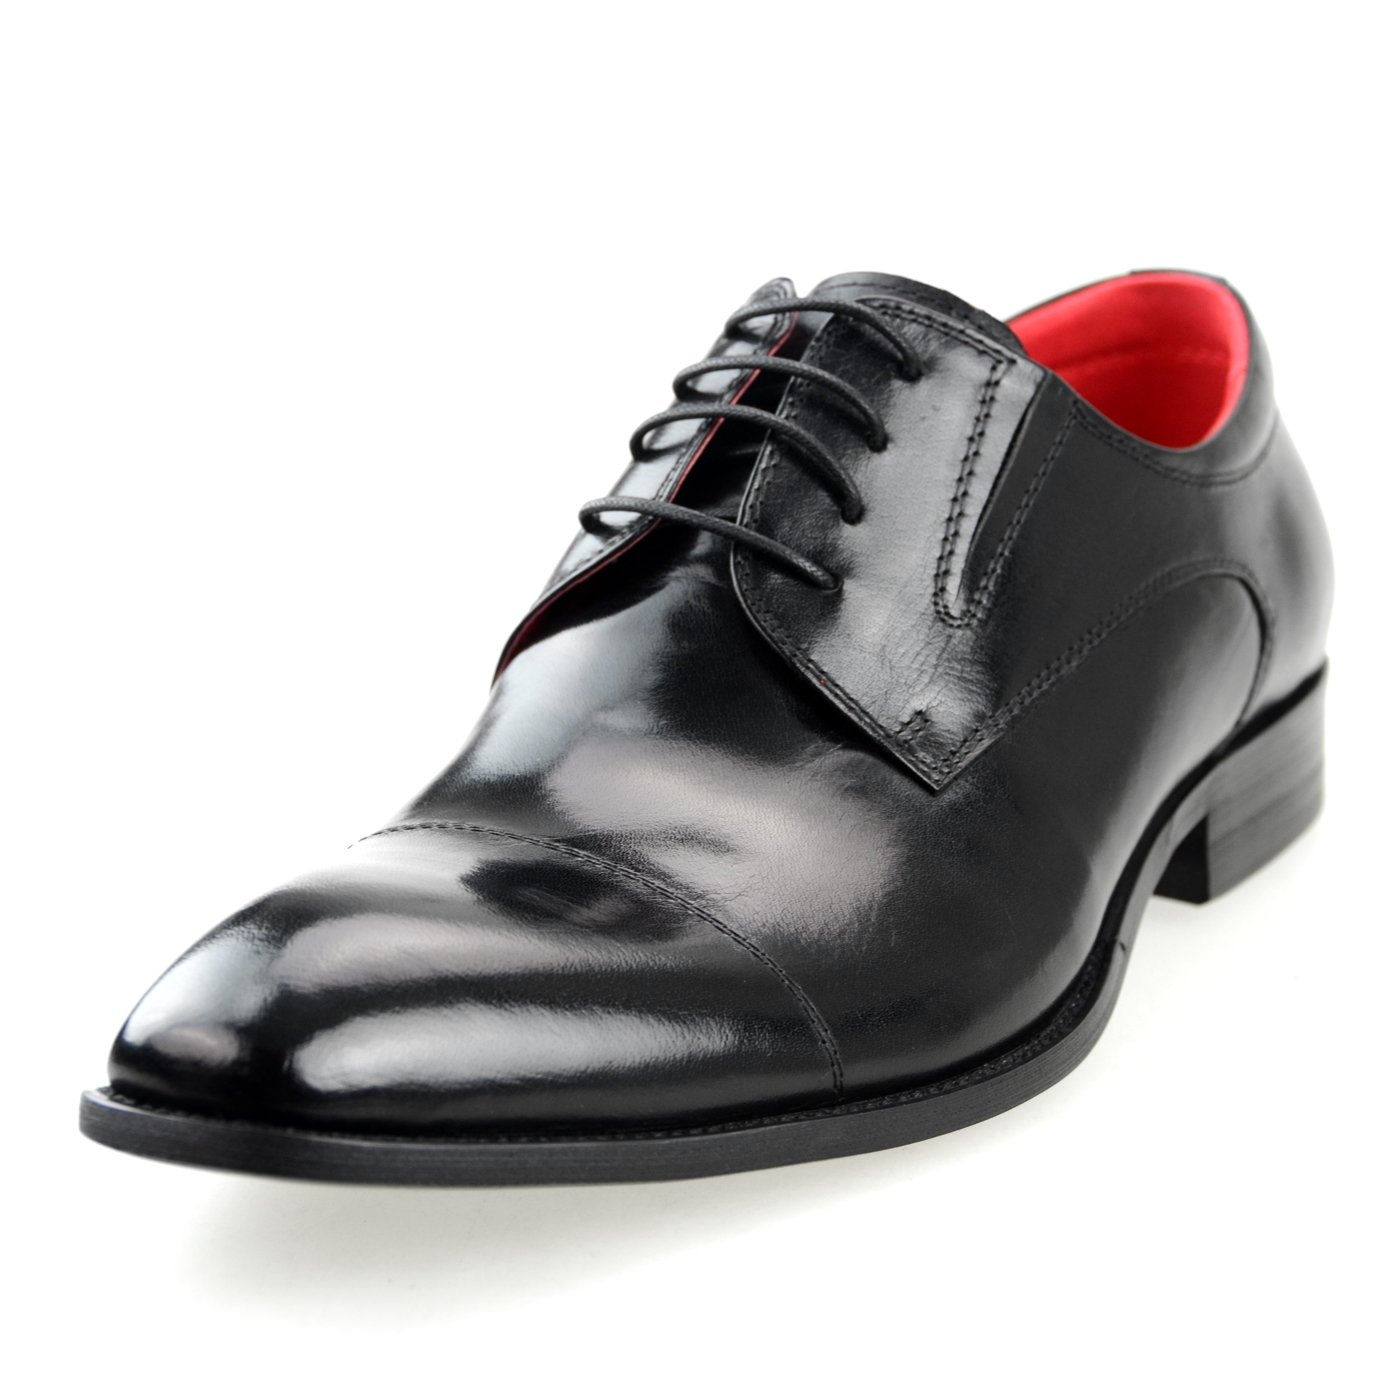 [ルシウス] LUCIUS メンズ ビジネスシューズ 本革 レザー 革靴 【AZ85B】 B00U25IO74 27.5 cm 3E|LLT700-1 ブラック LLT700-1 ブラック 27.5 cm 3E